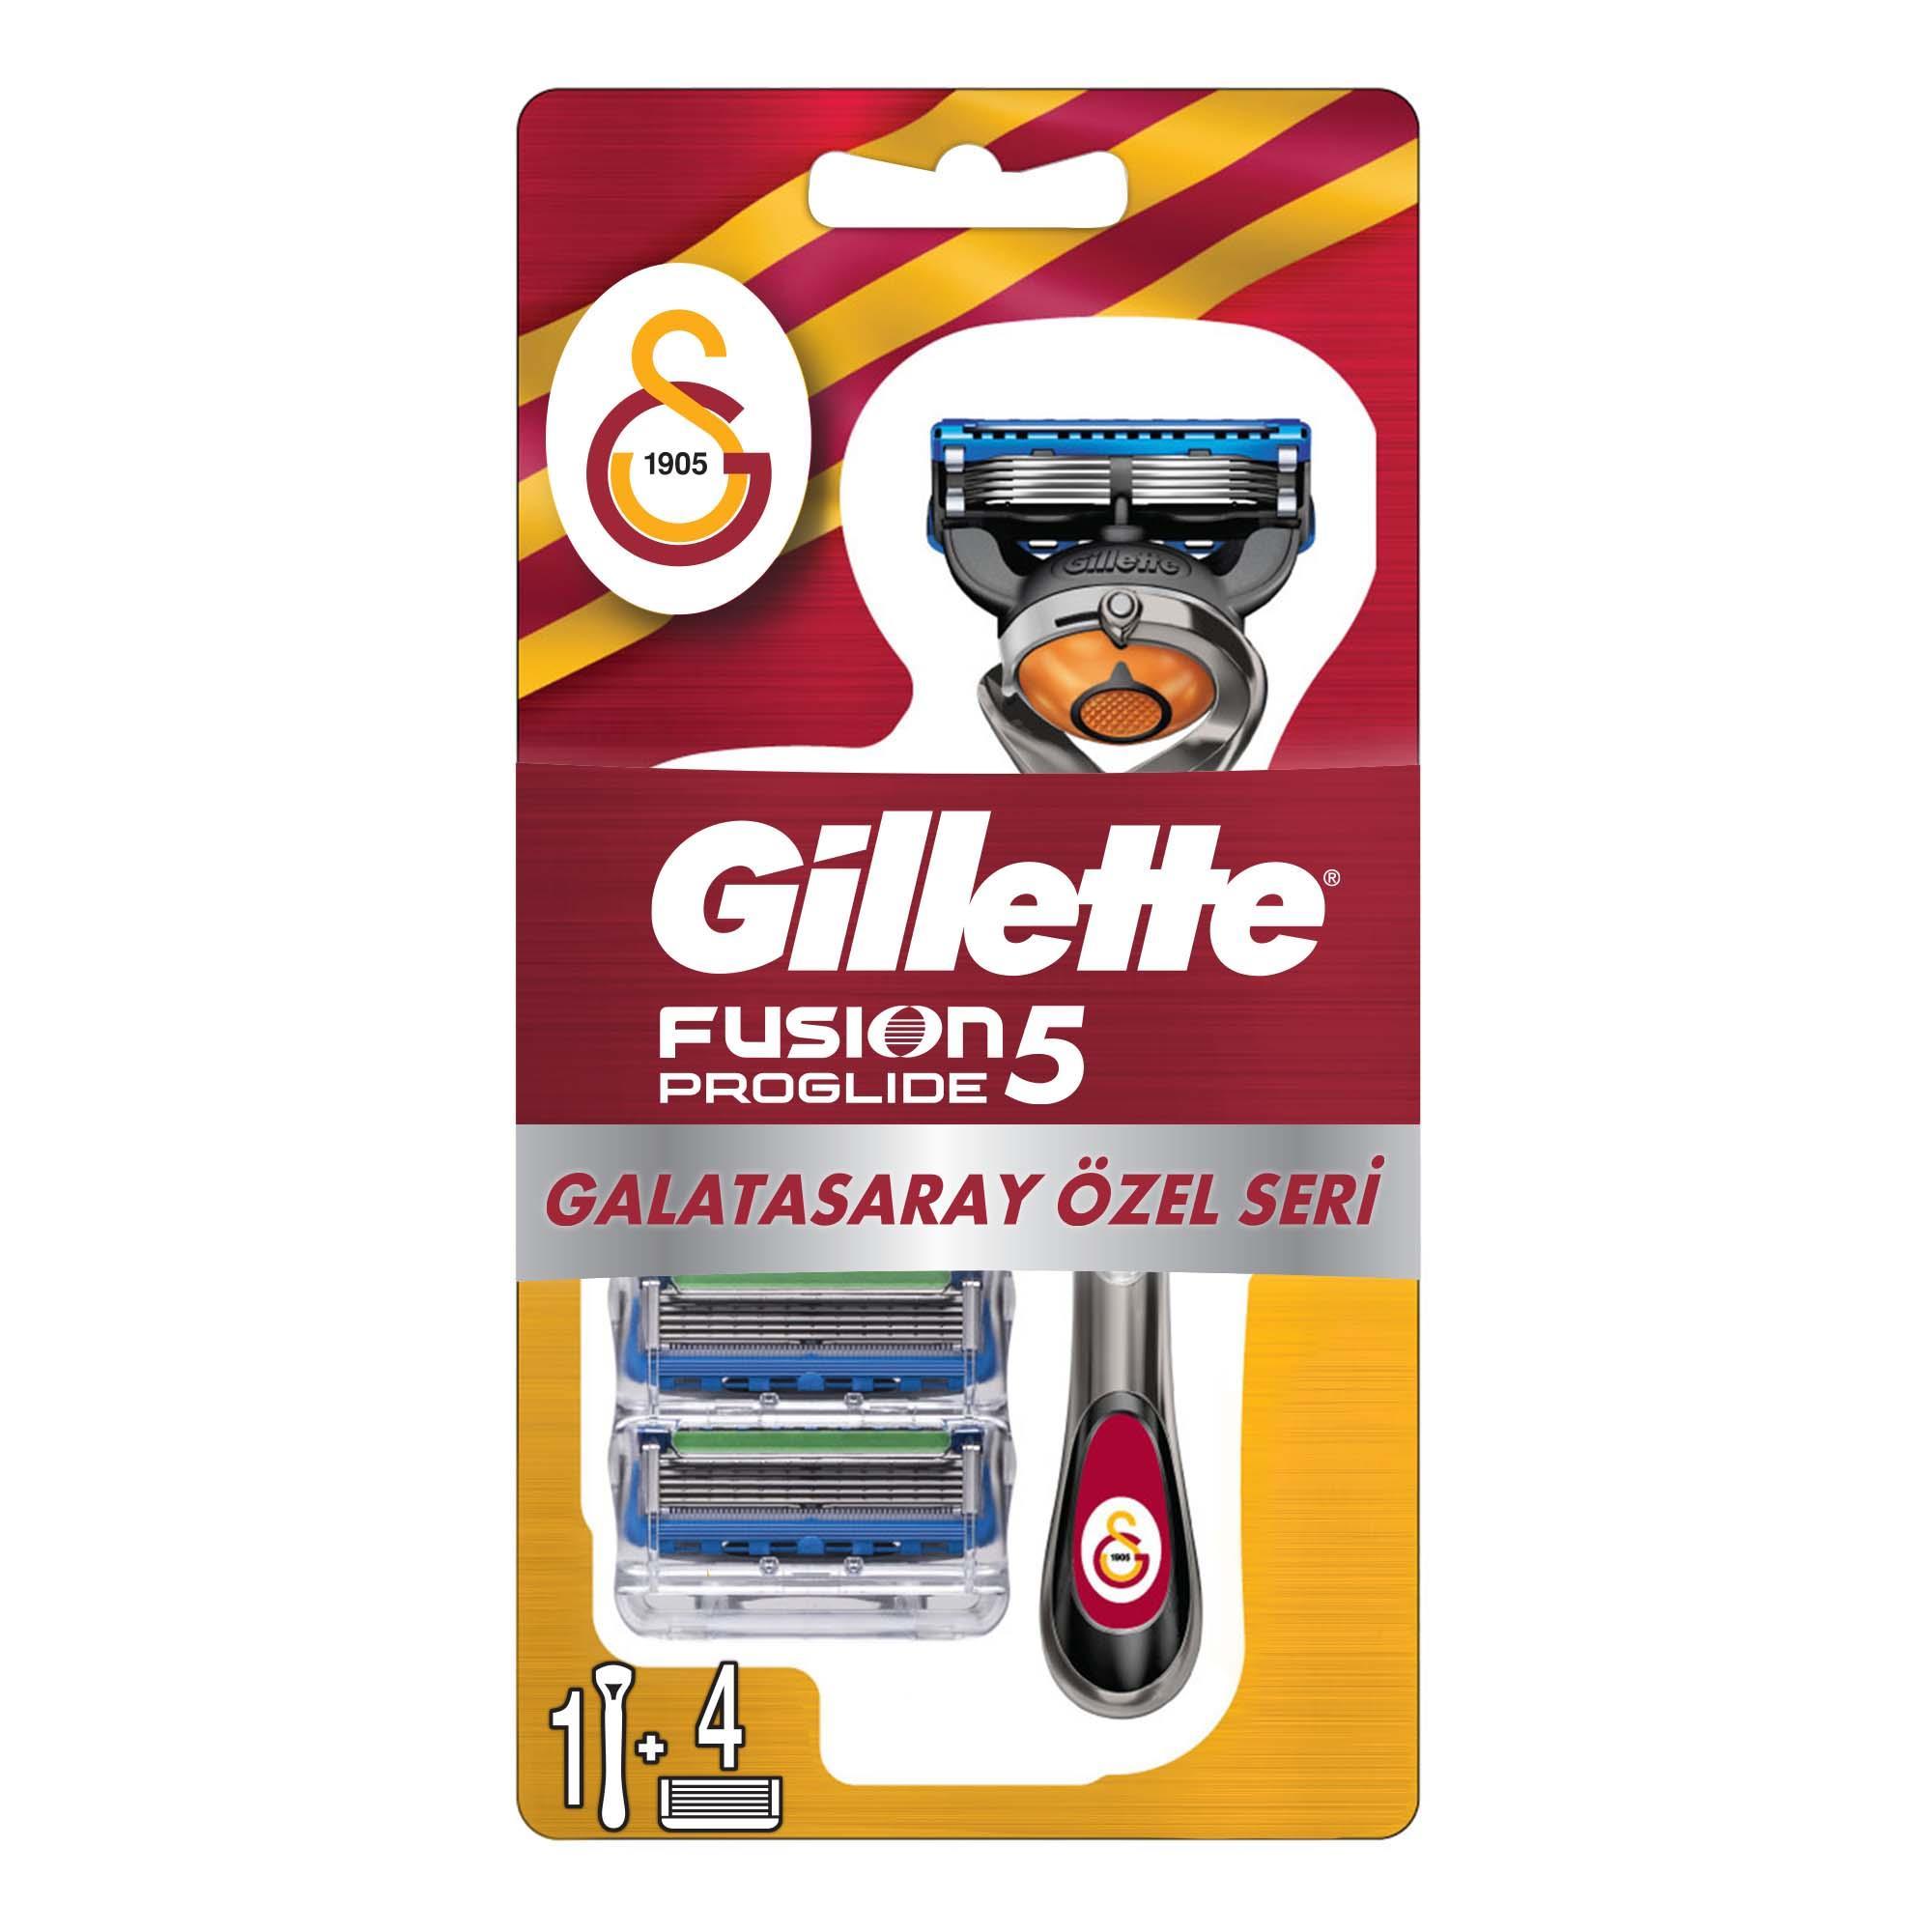 GILLETTE - Fusion Proglide Tıraş Makinesi + 4'lü Yedek Başlık Galatasaray Özel Seri